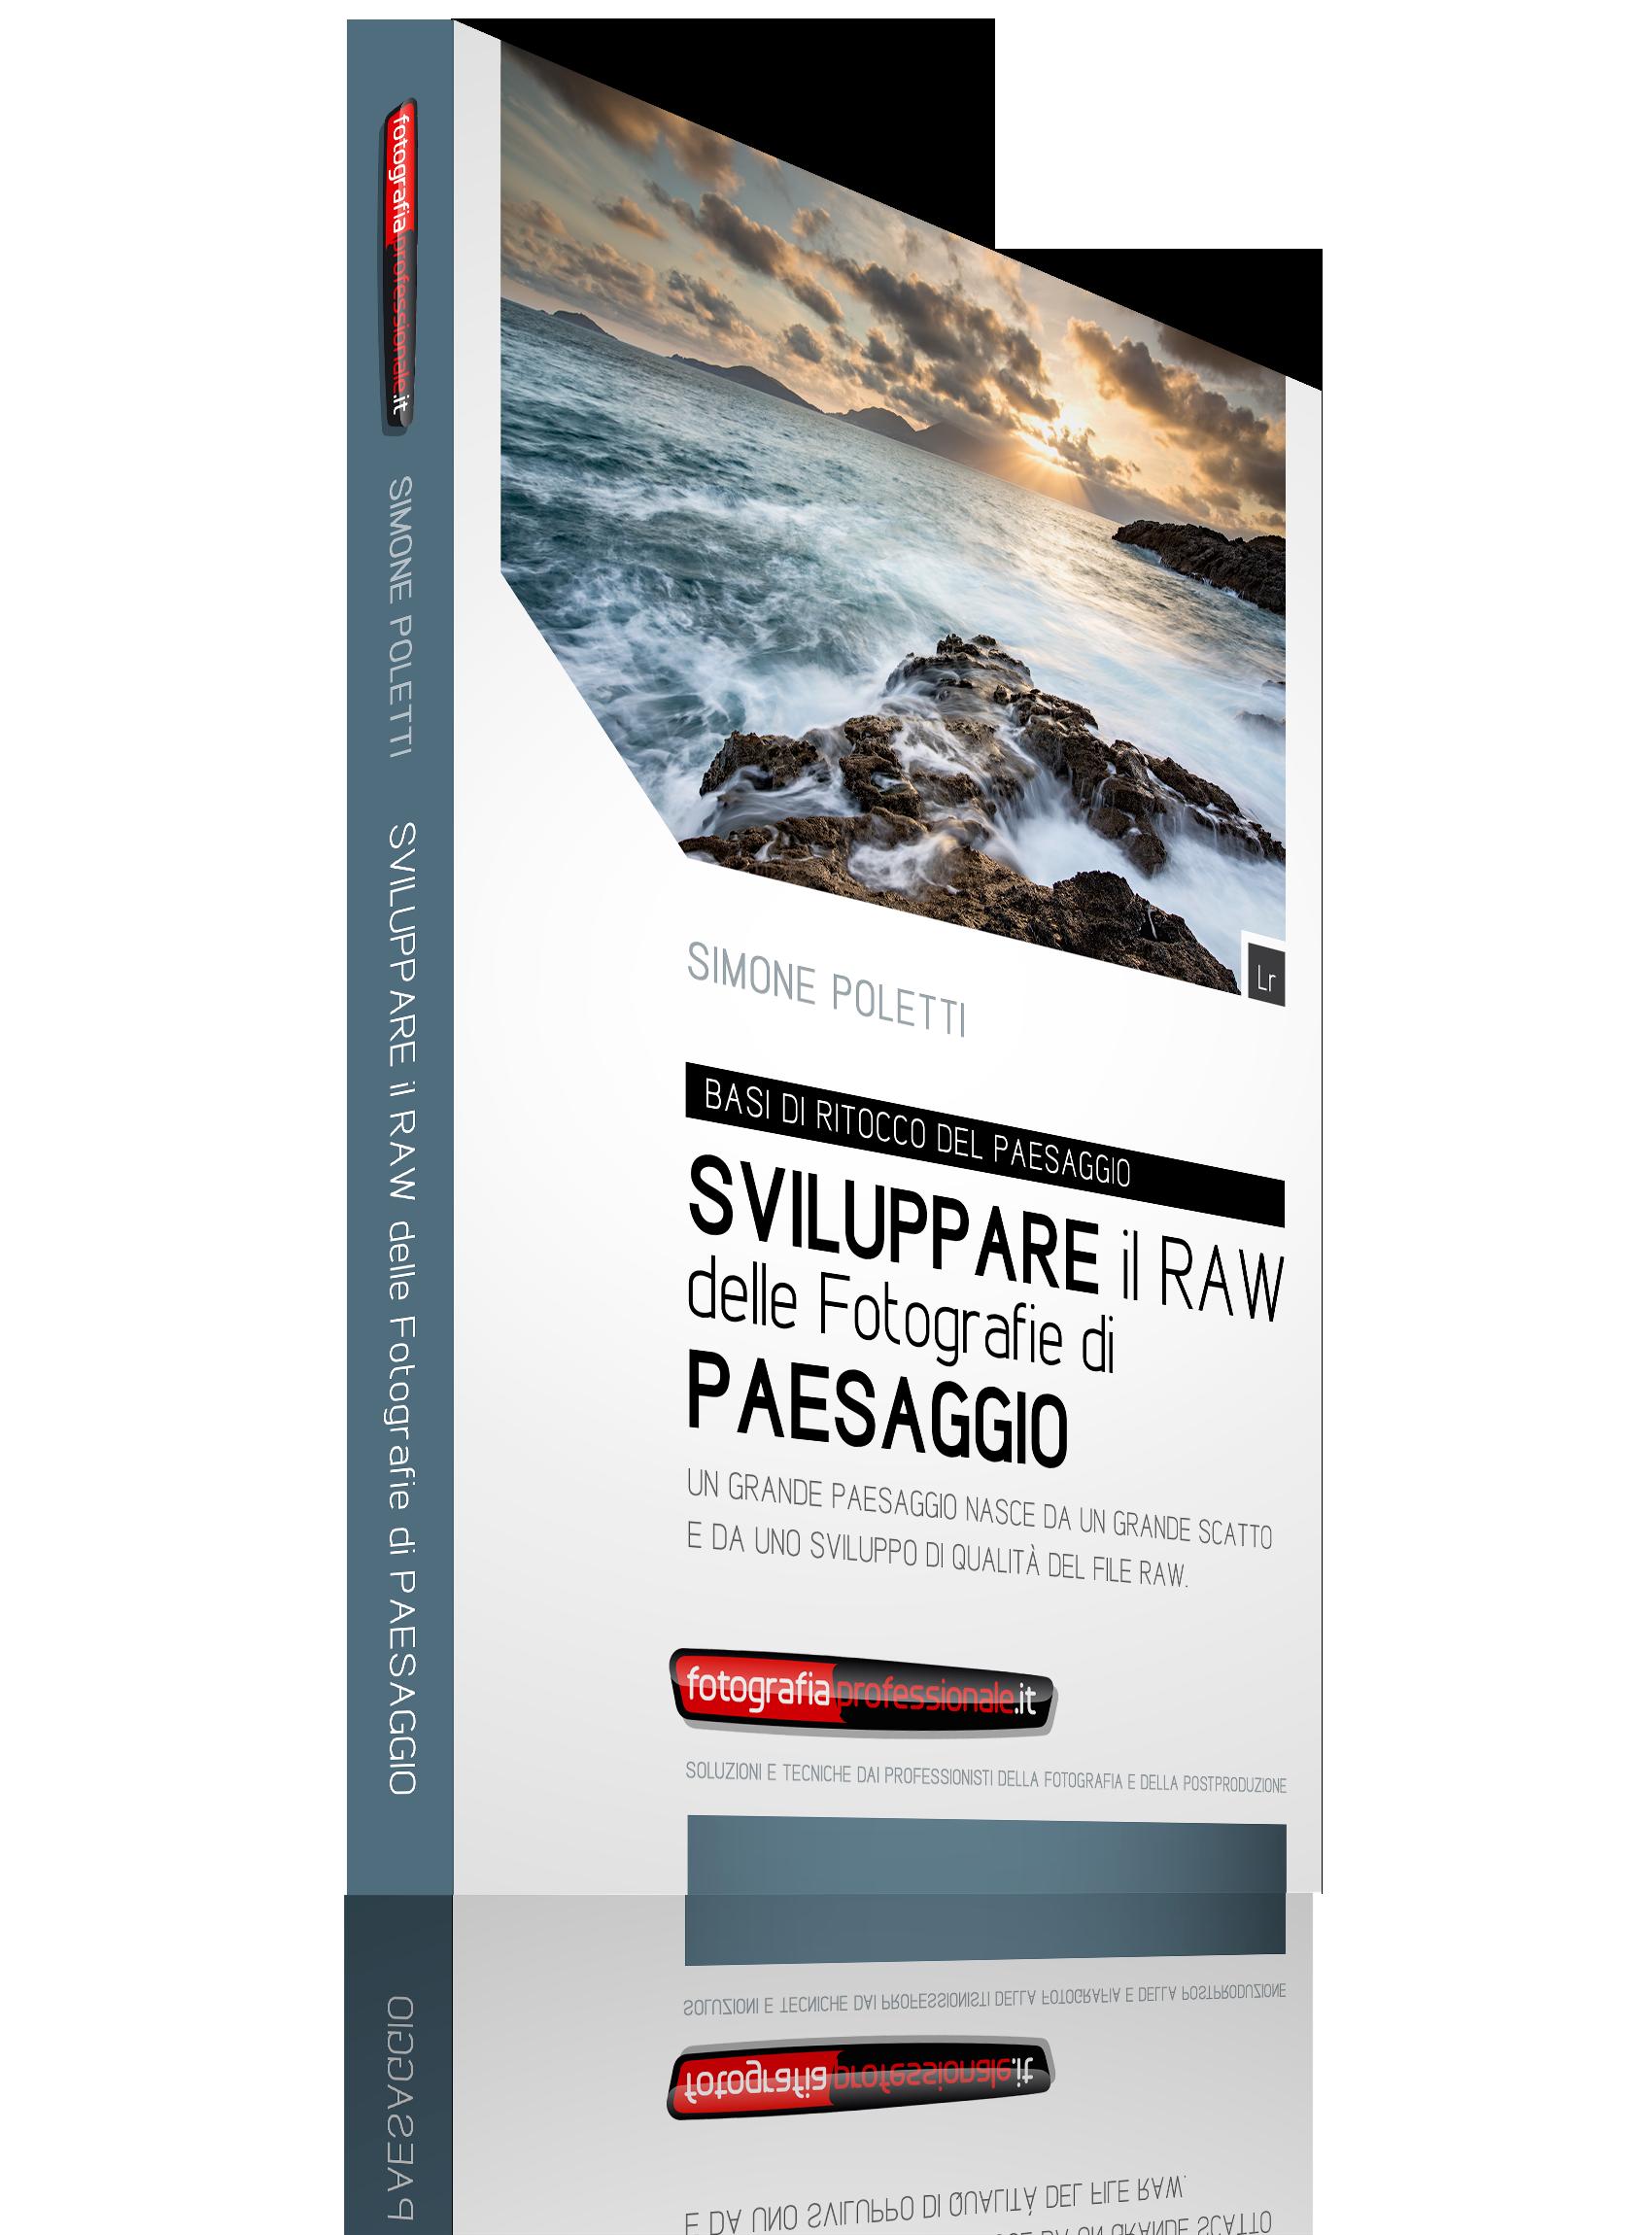 Sviluppare il RAW delle Fotografie di Paesaggio